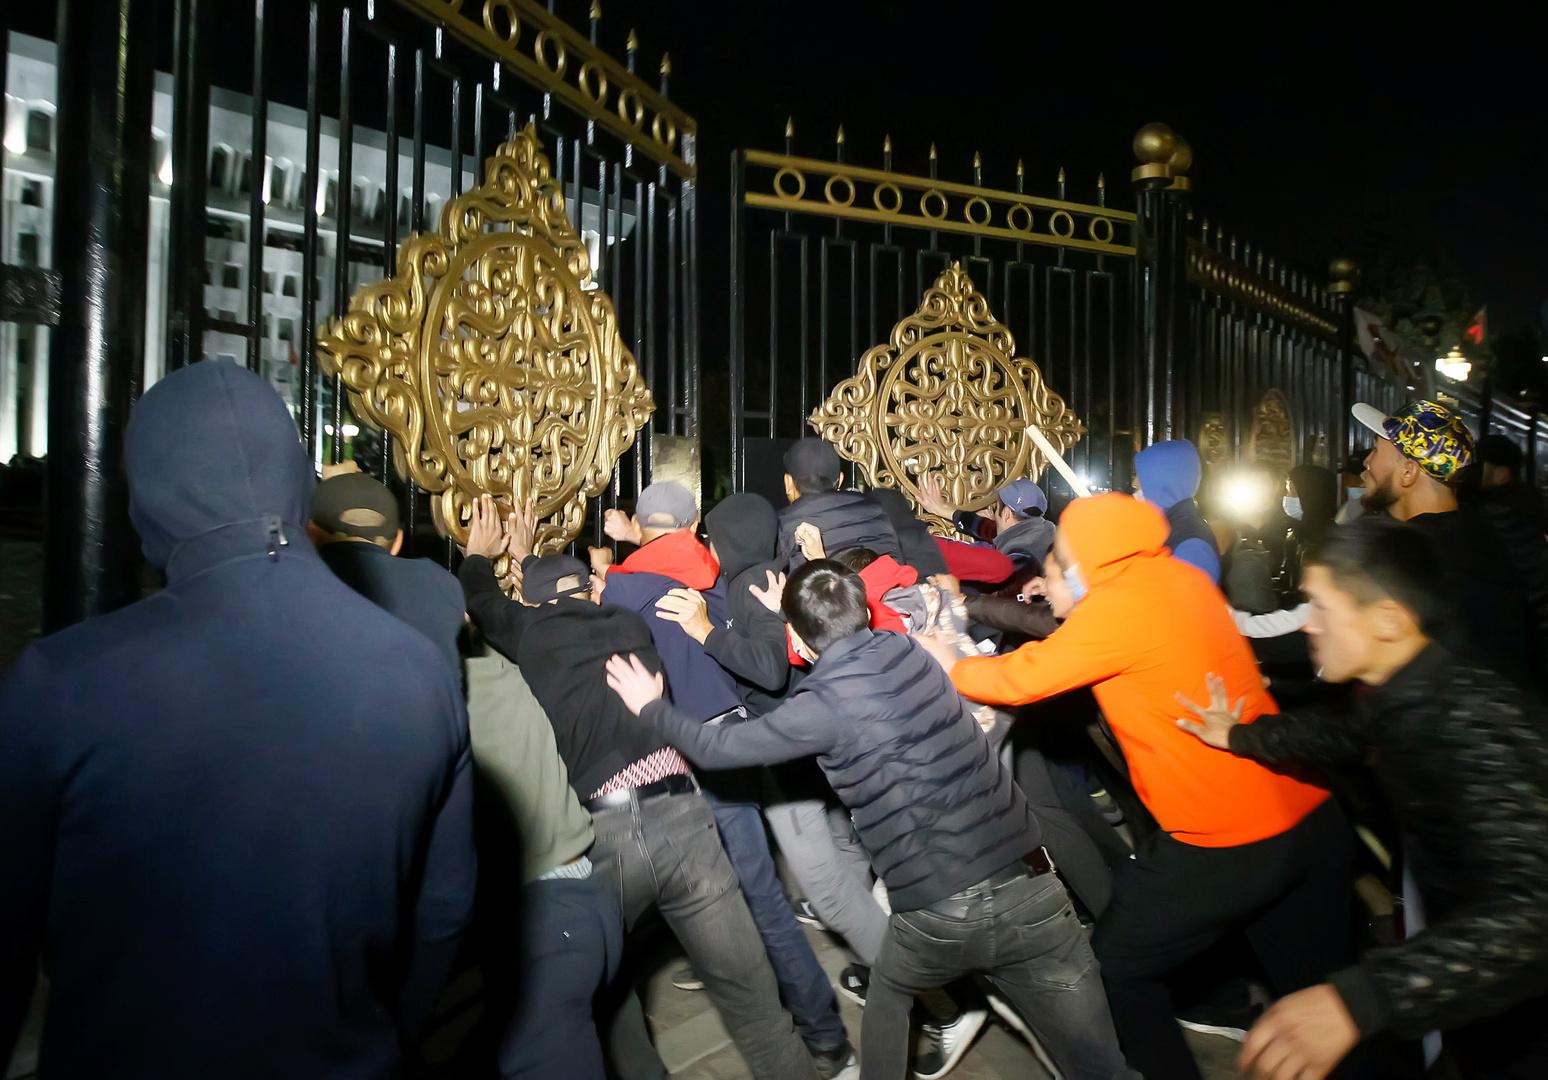 المتظاهرون في قرغيزيا يطلقون سراح الرئيس السابق ومسؤولين آخرين من مركز احتجازهم